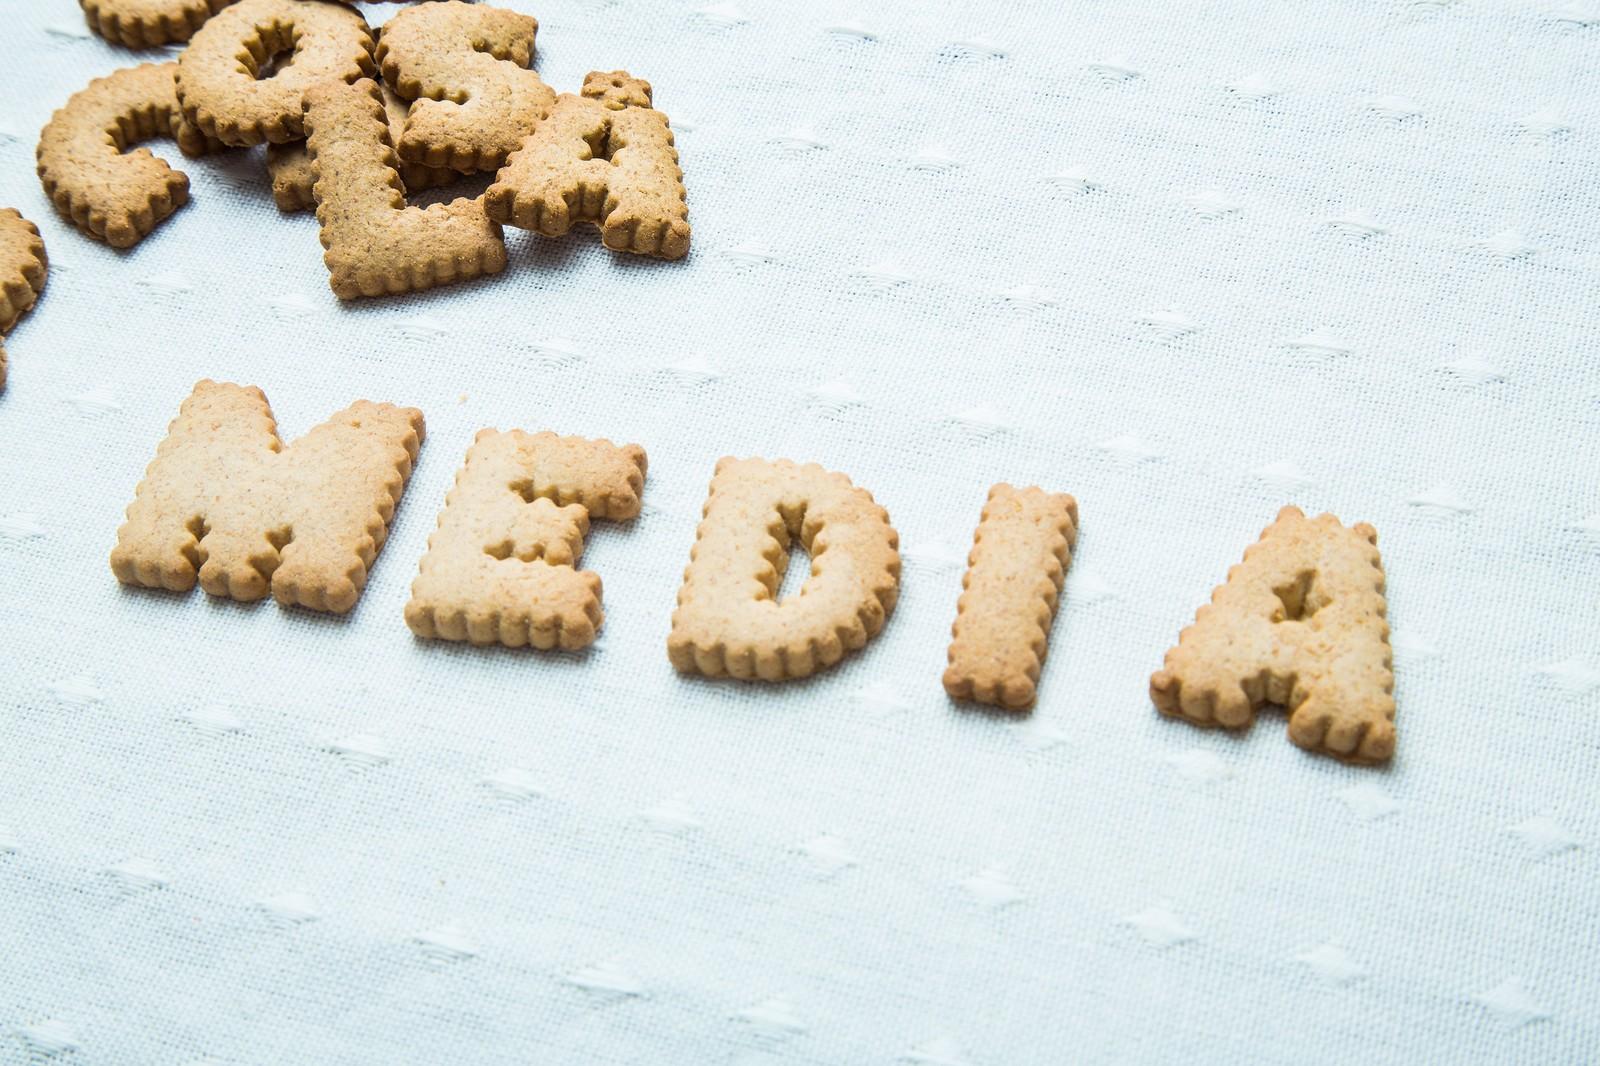 MEDIAと並べられたクッキー